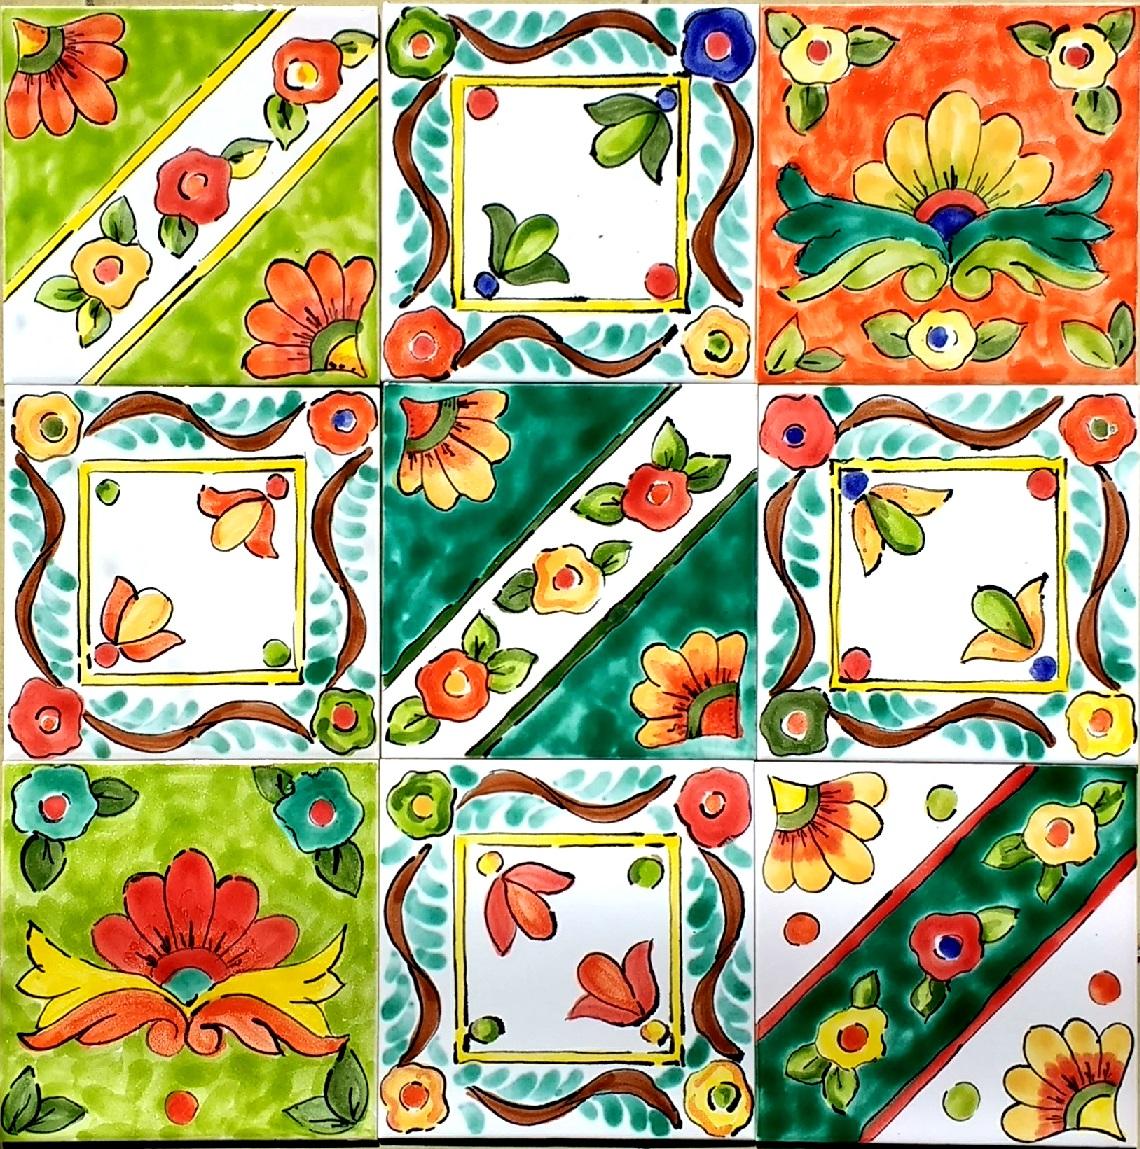 azulejos-floral-1